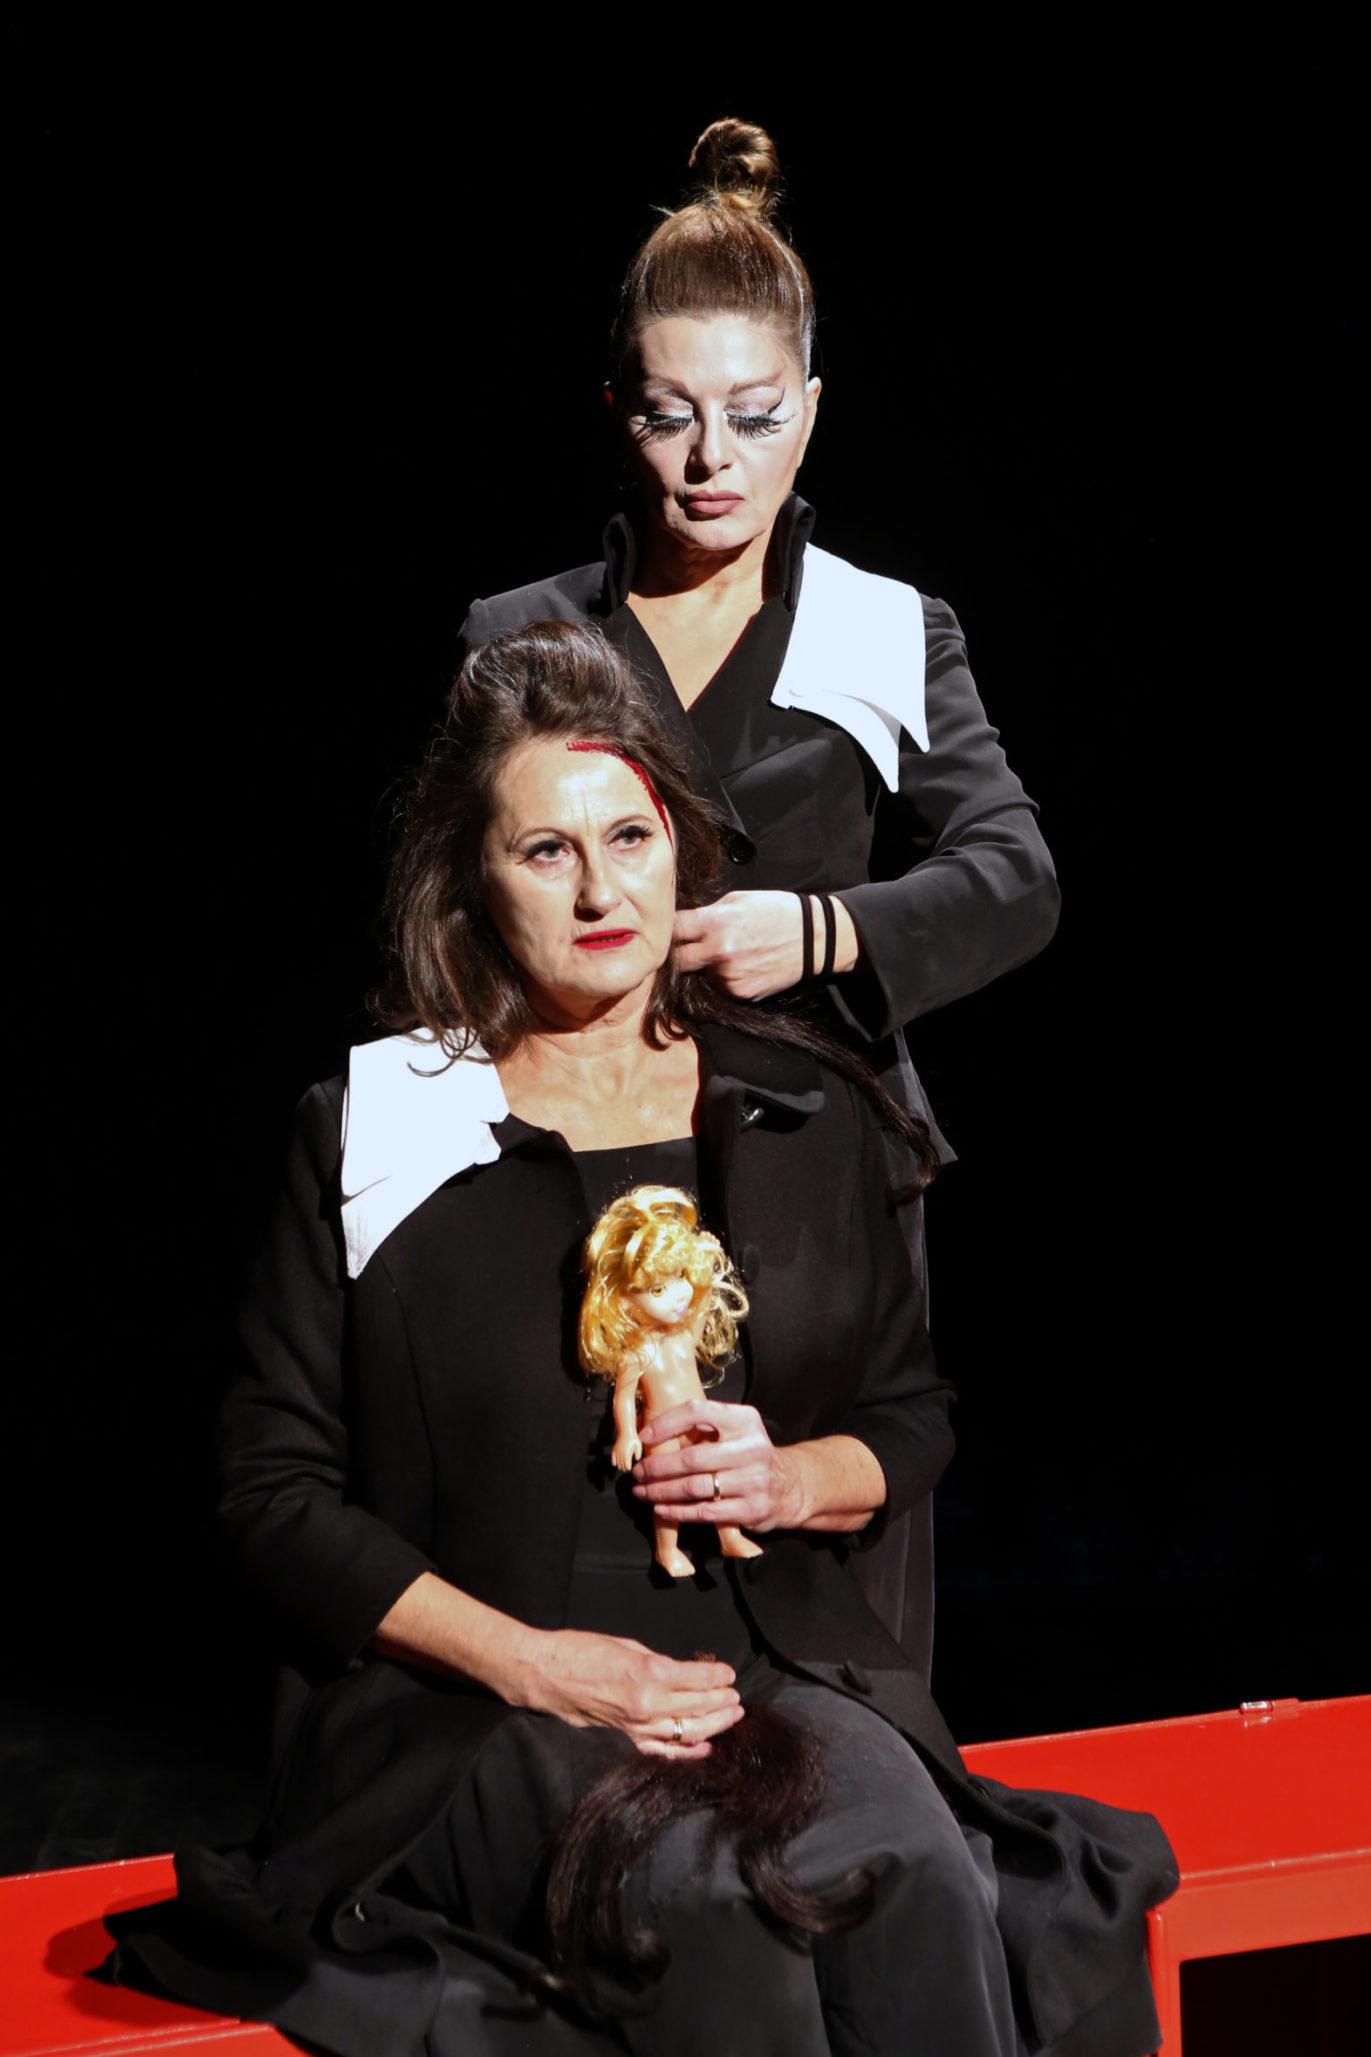 Danica Maksimović i Danica Ristovski, Senka Euridika Govori, Opera i Teatar Madlenianum, foto Milan Đakov